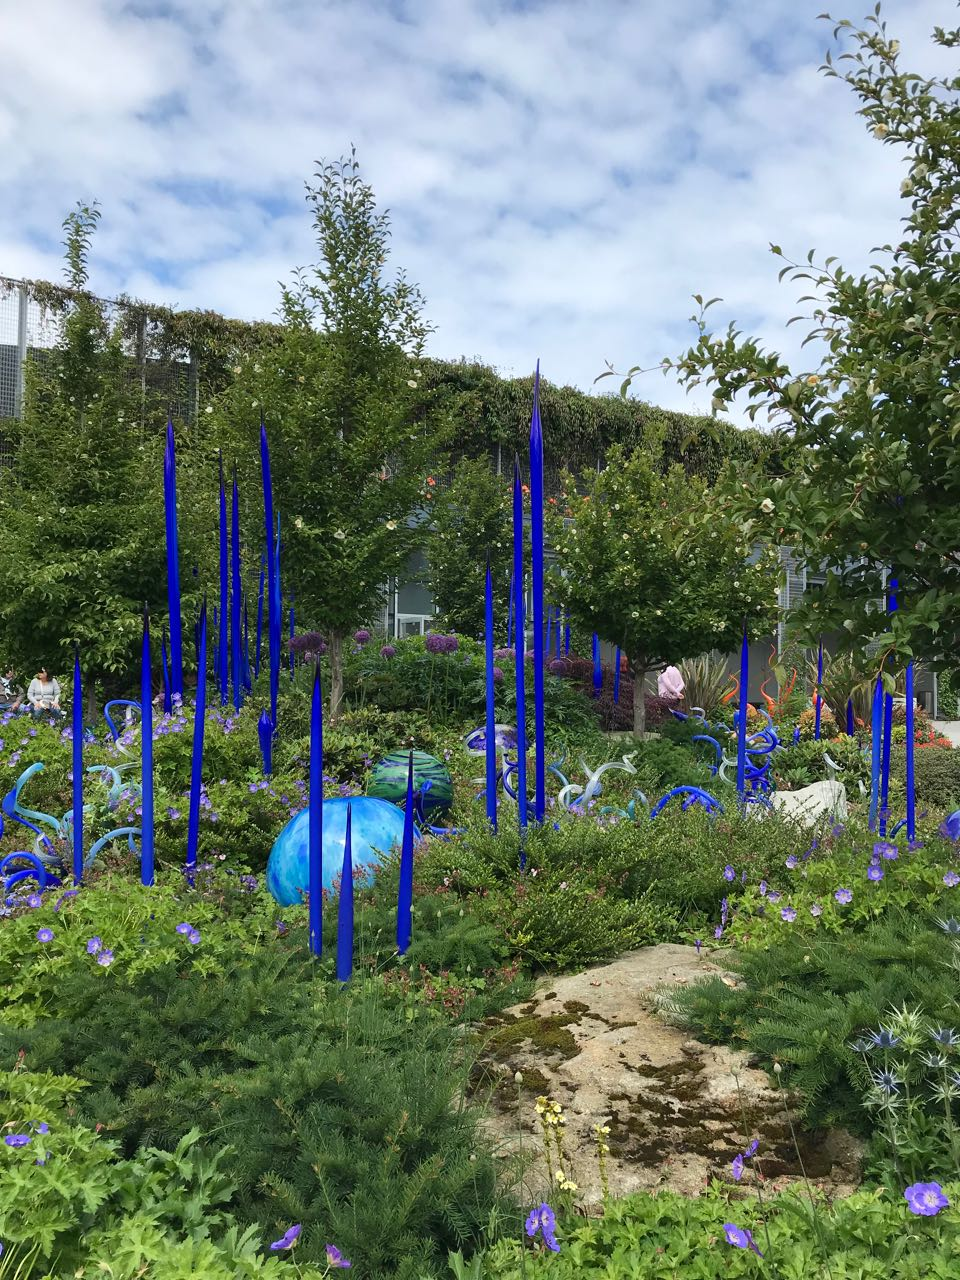 Chihuly glass garden.jpg